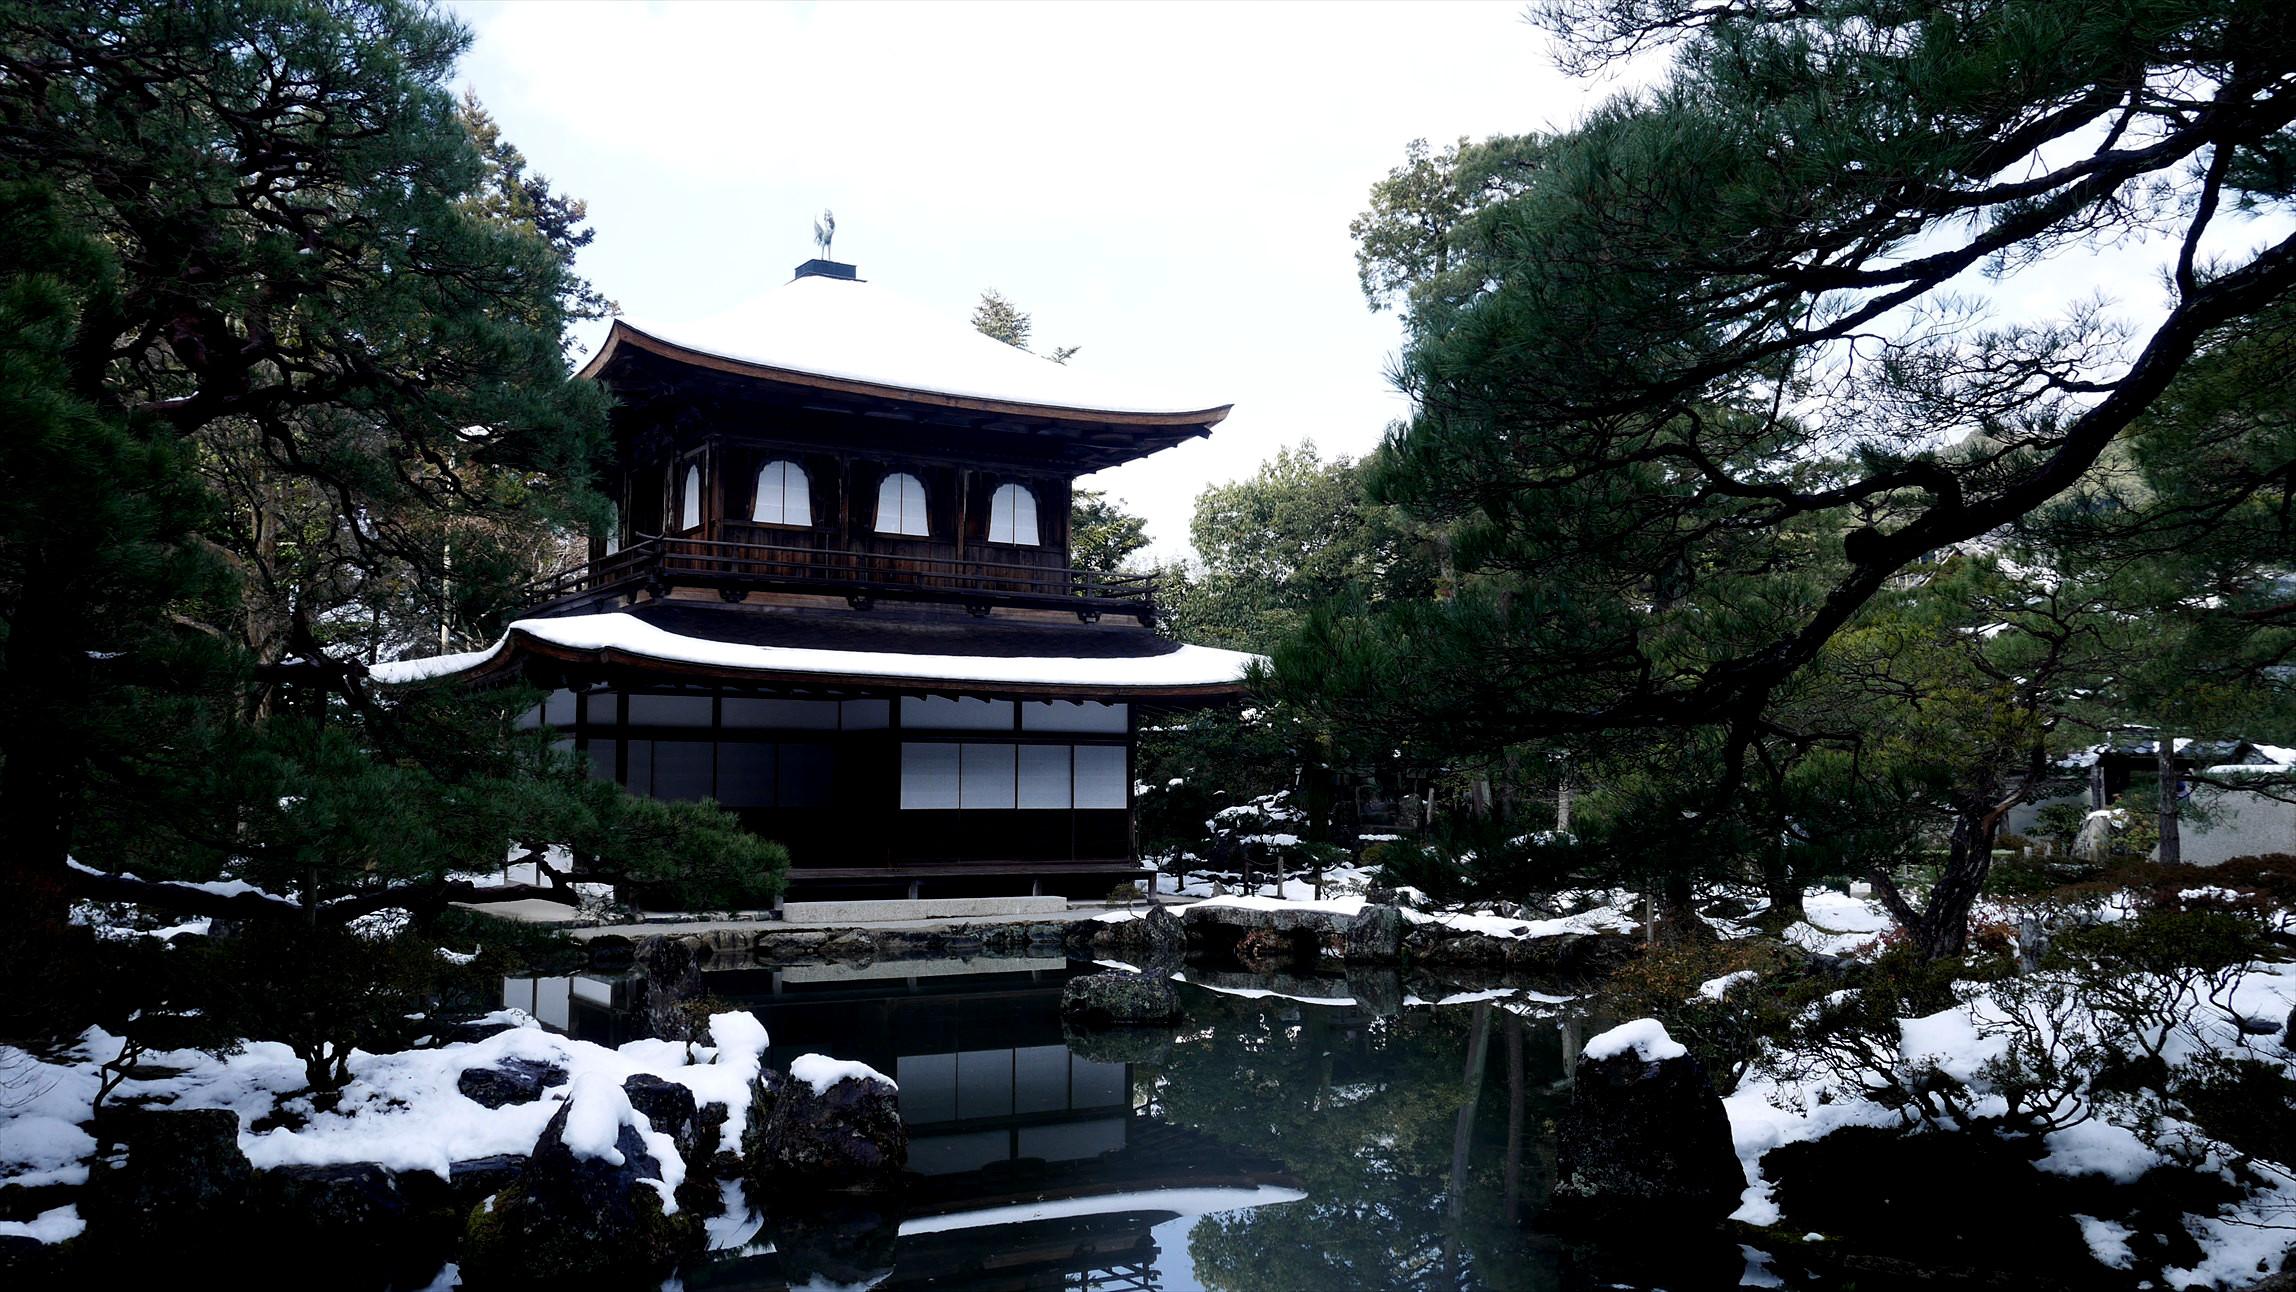 雪が降ってこその銀閣寺 寒かったけど綺麗だった